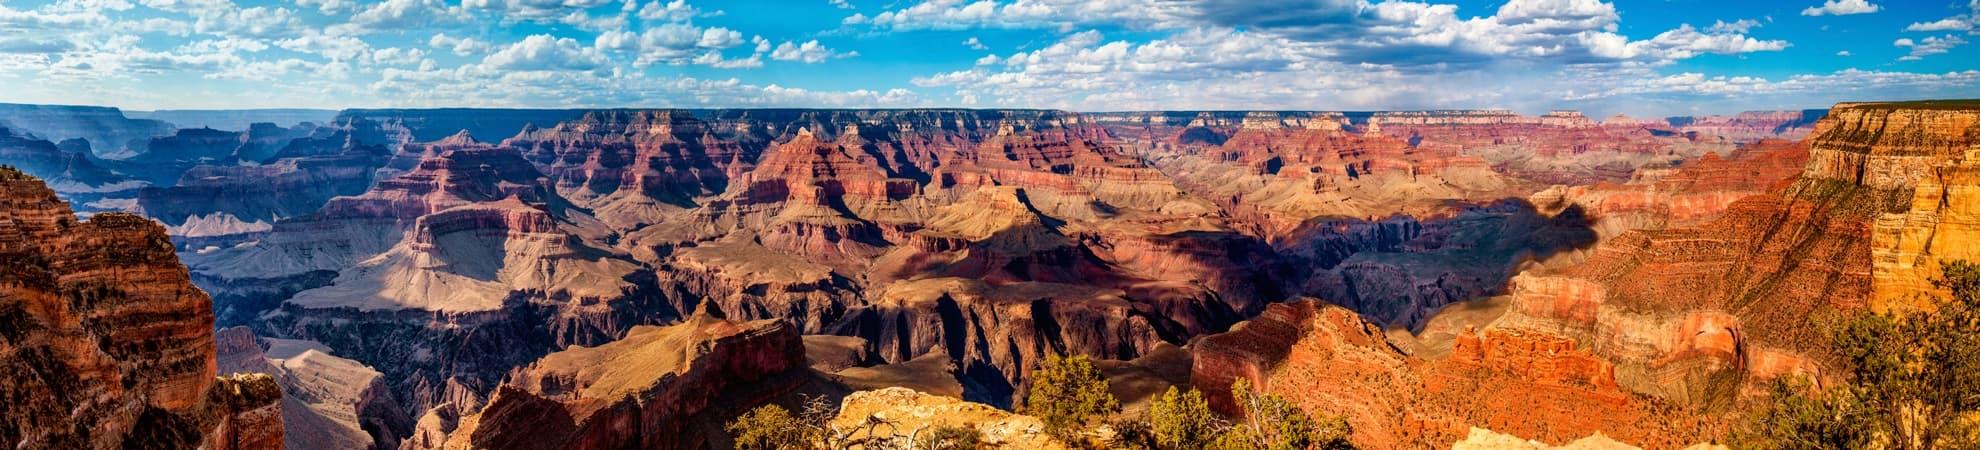 voyage grand canyon